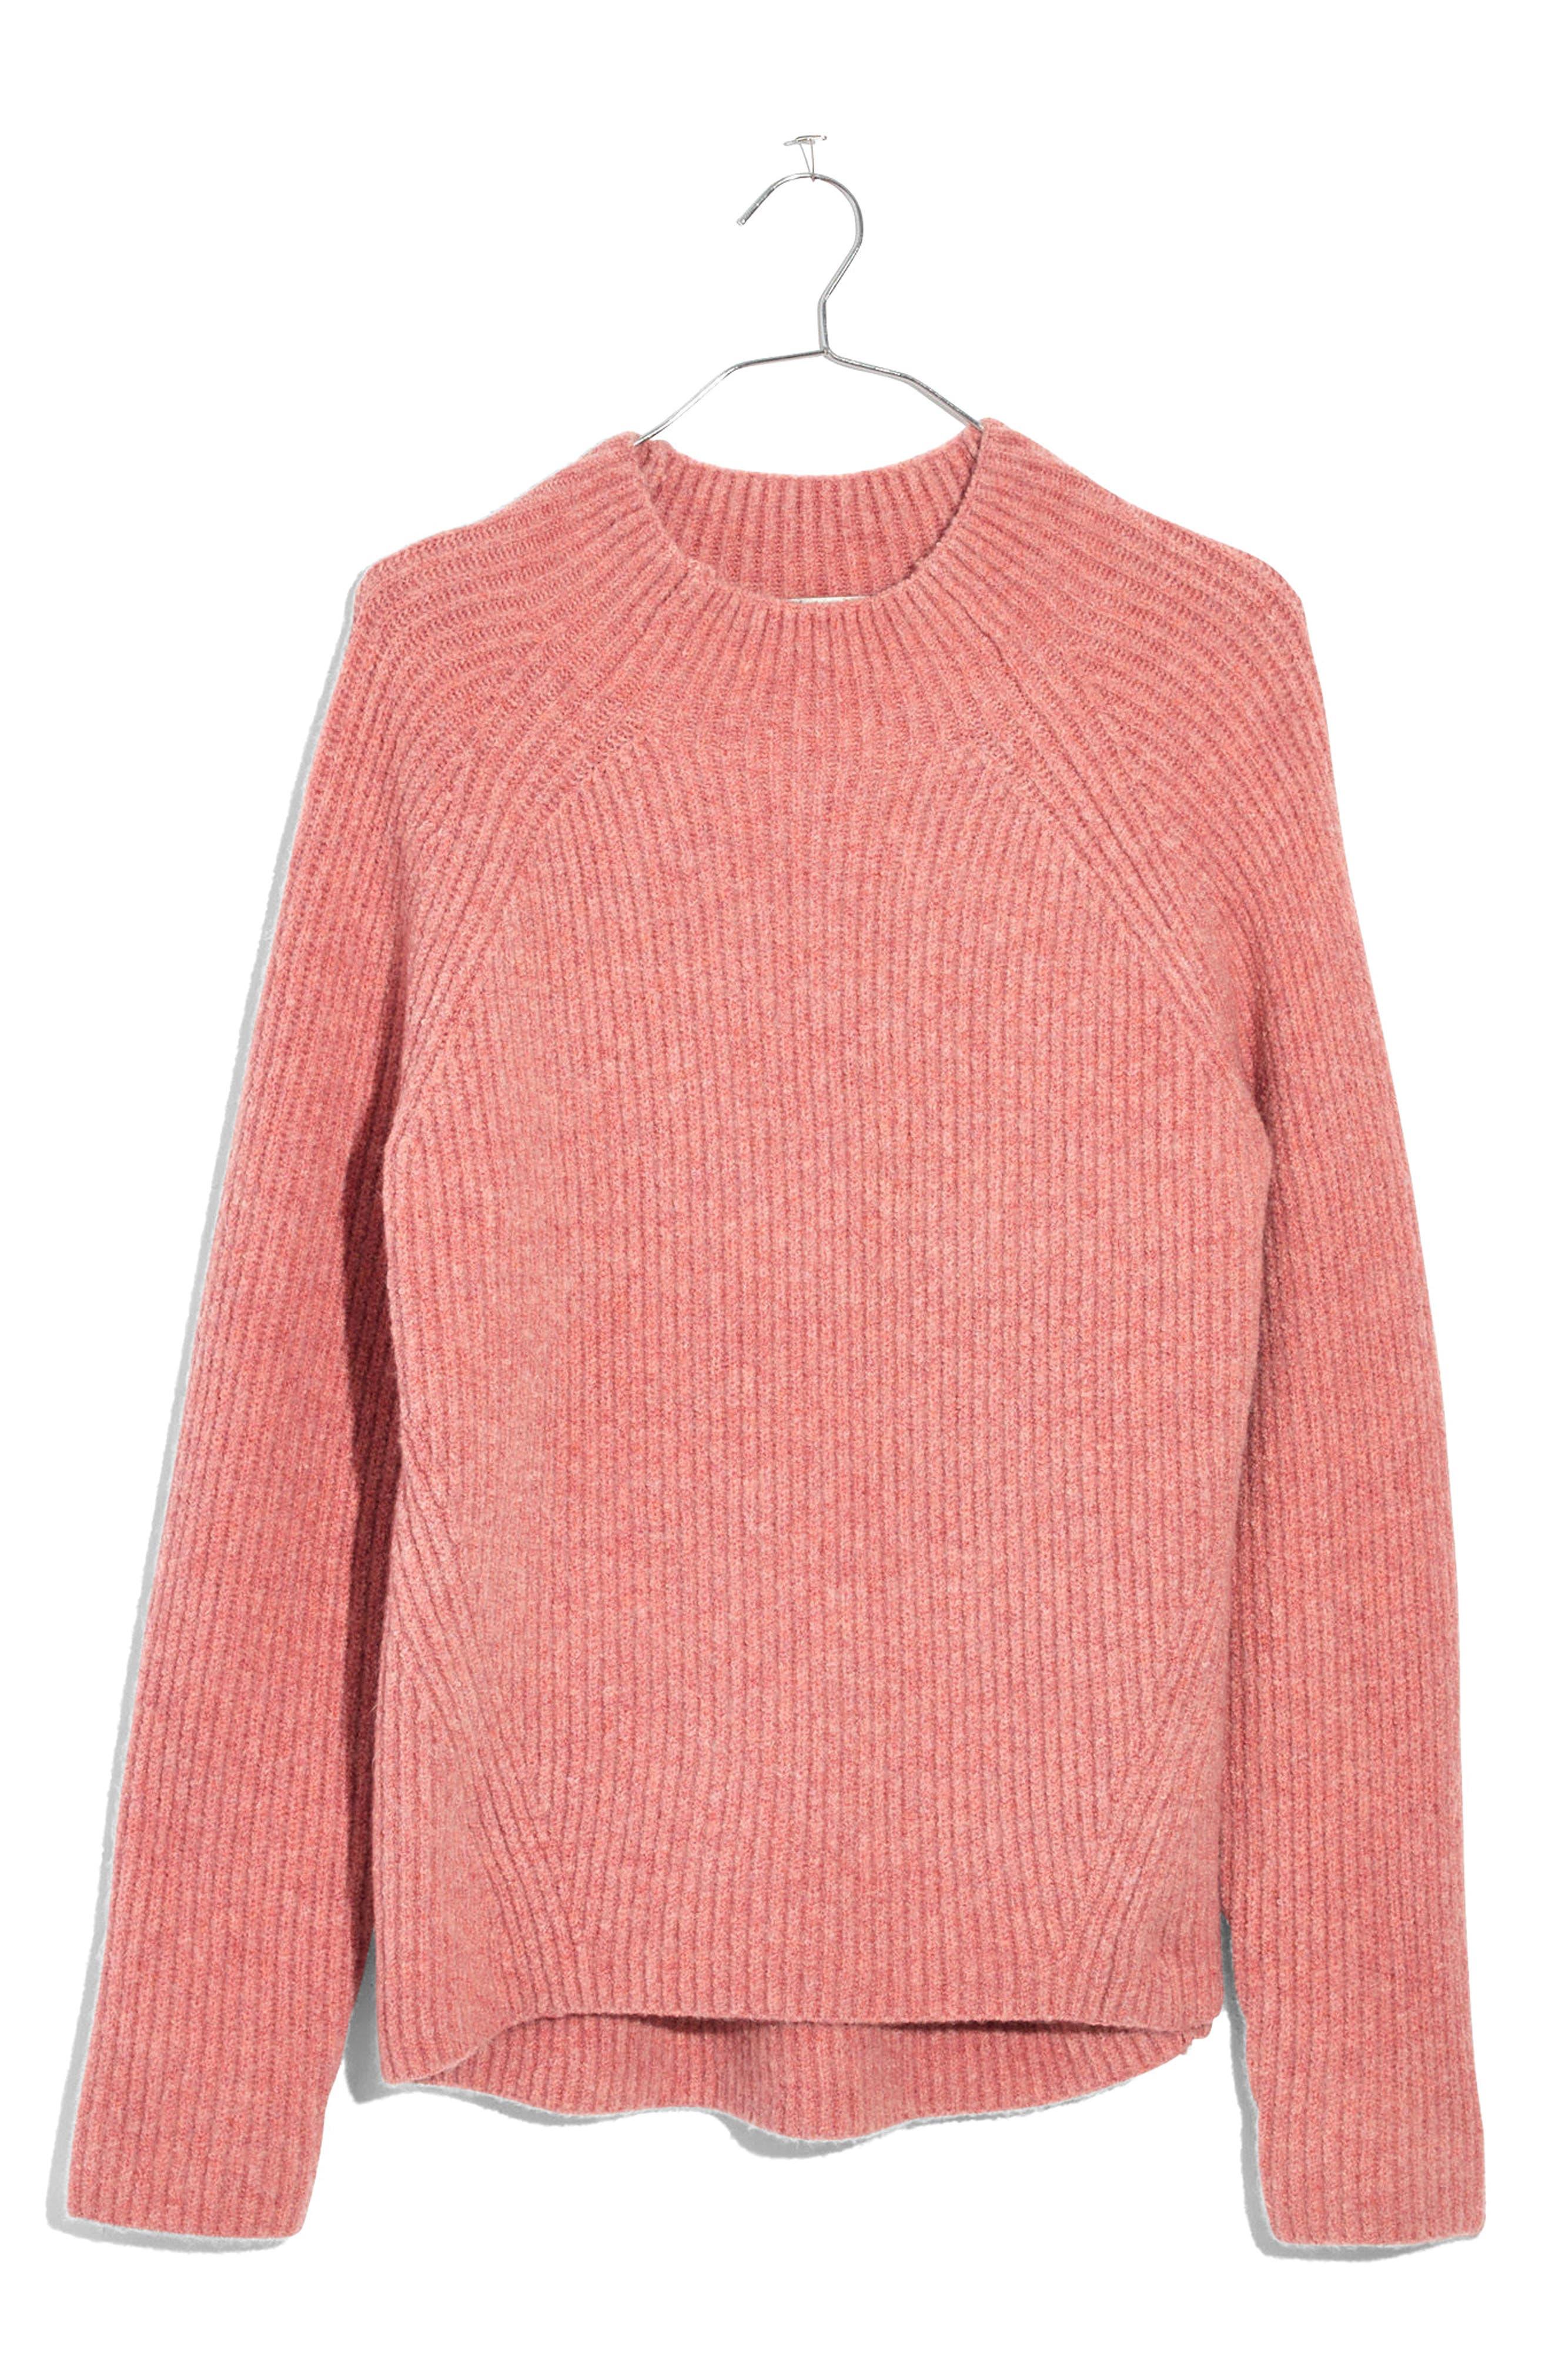 Womens Skull Sweater